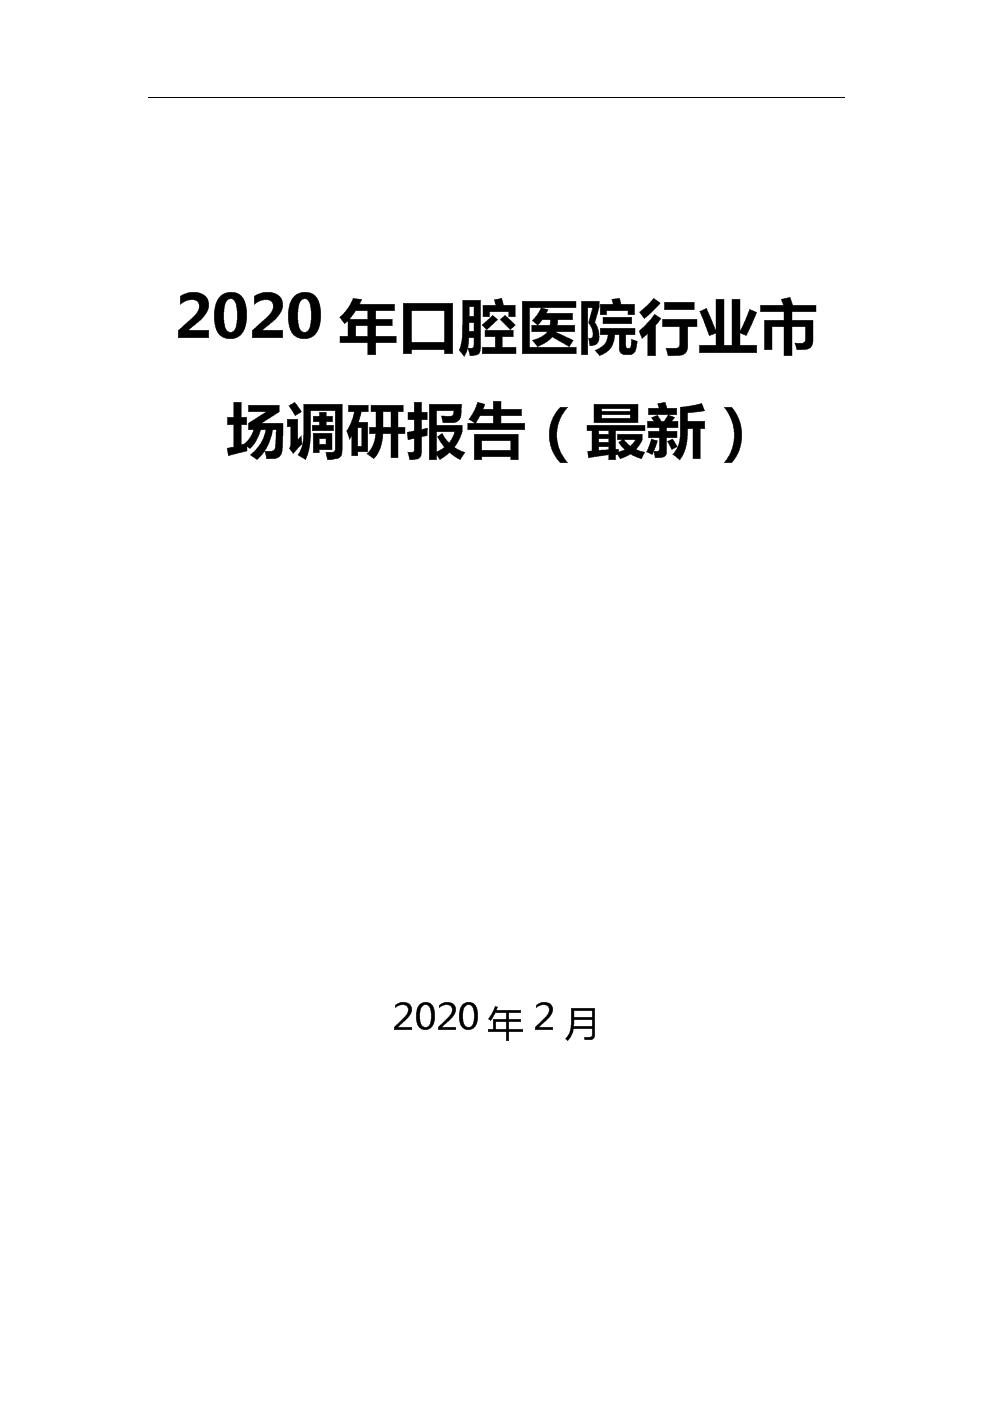 2020年口腔医院行业市场调研报告(最新).docx